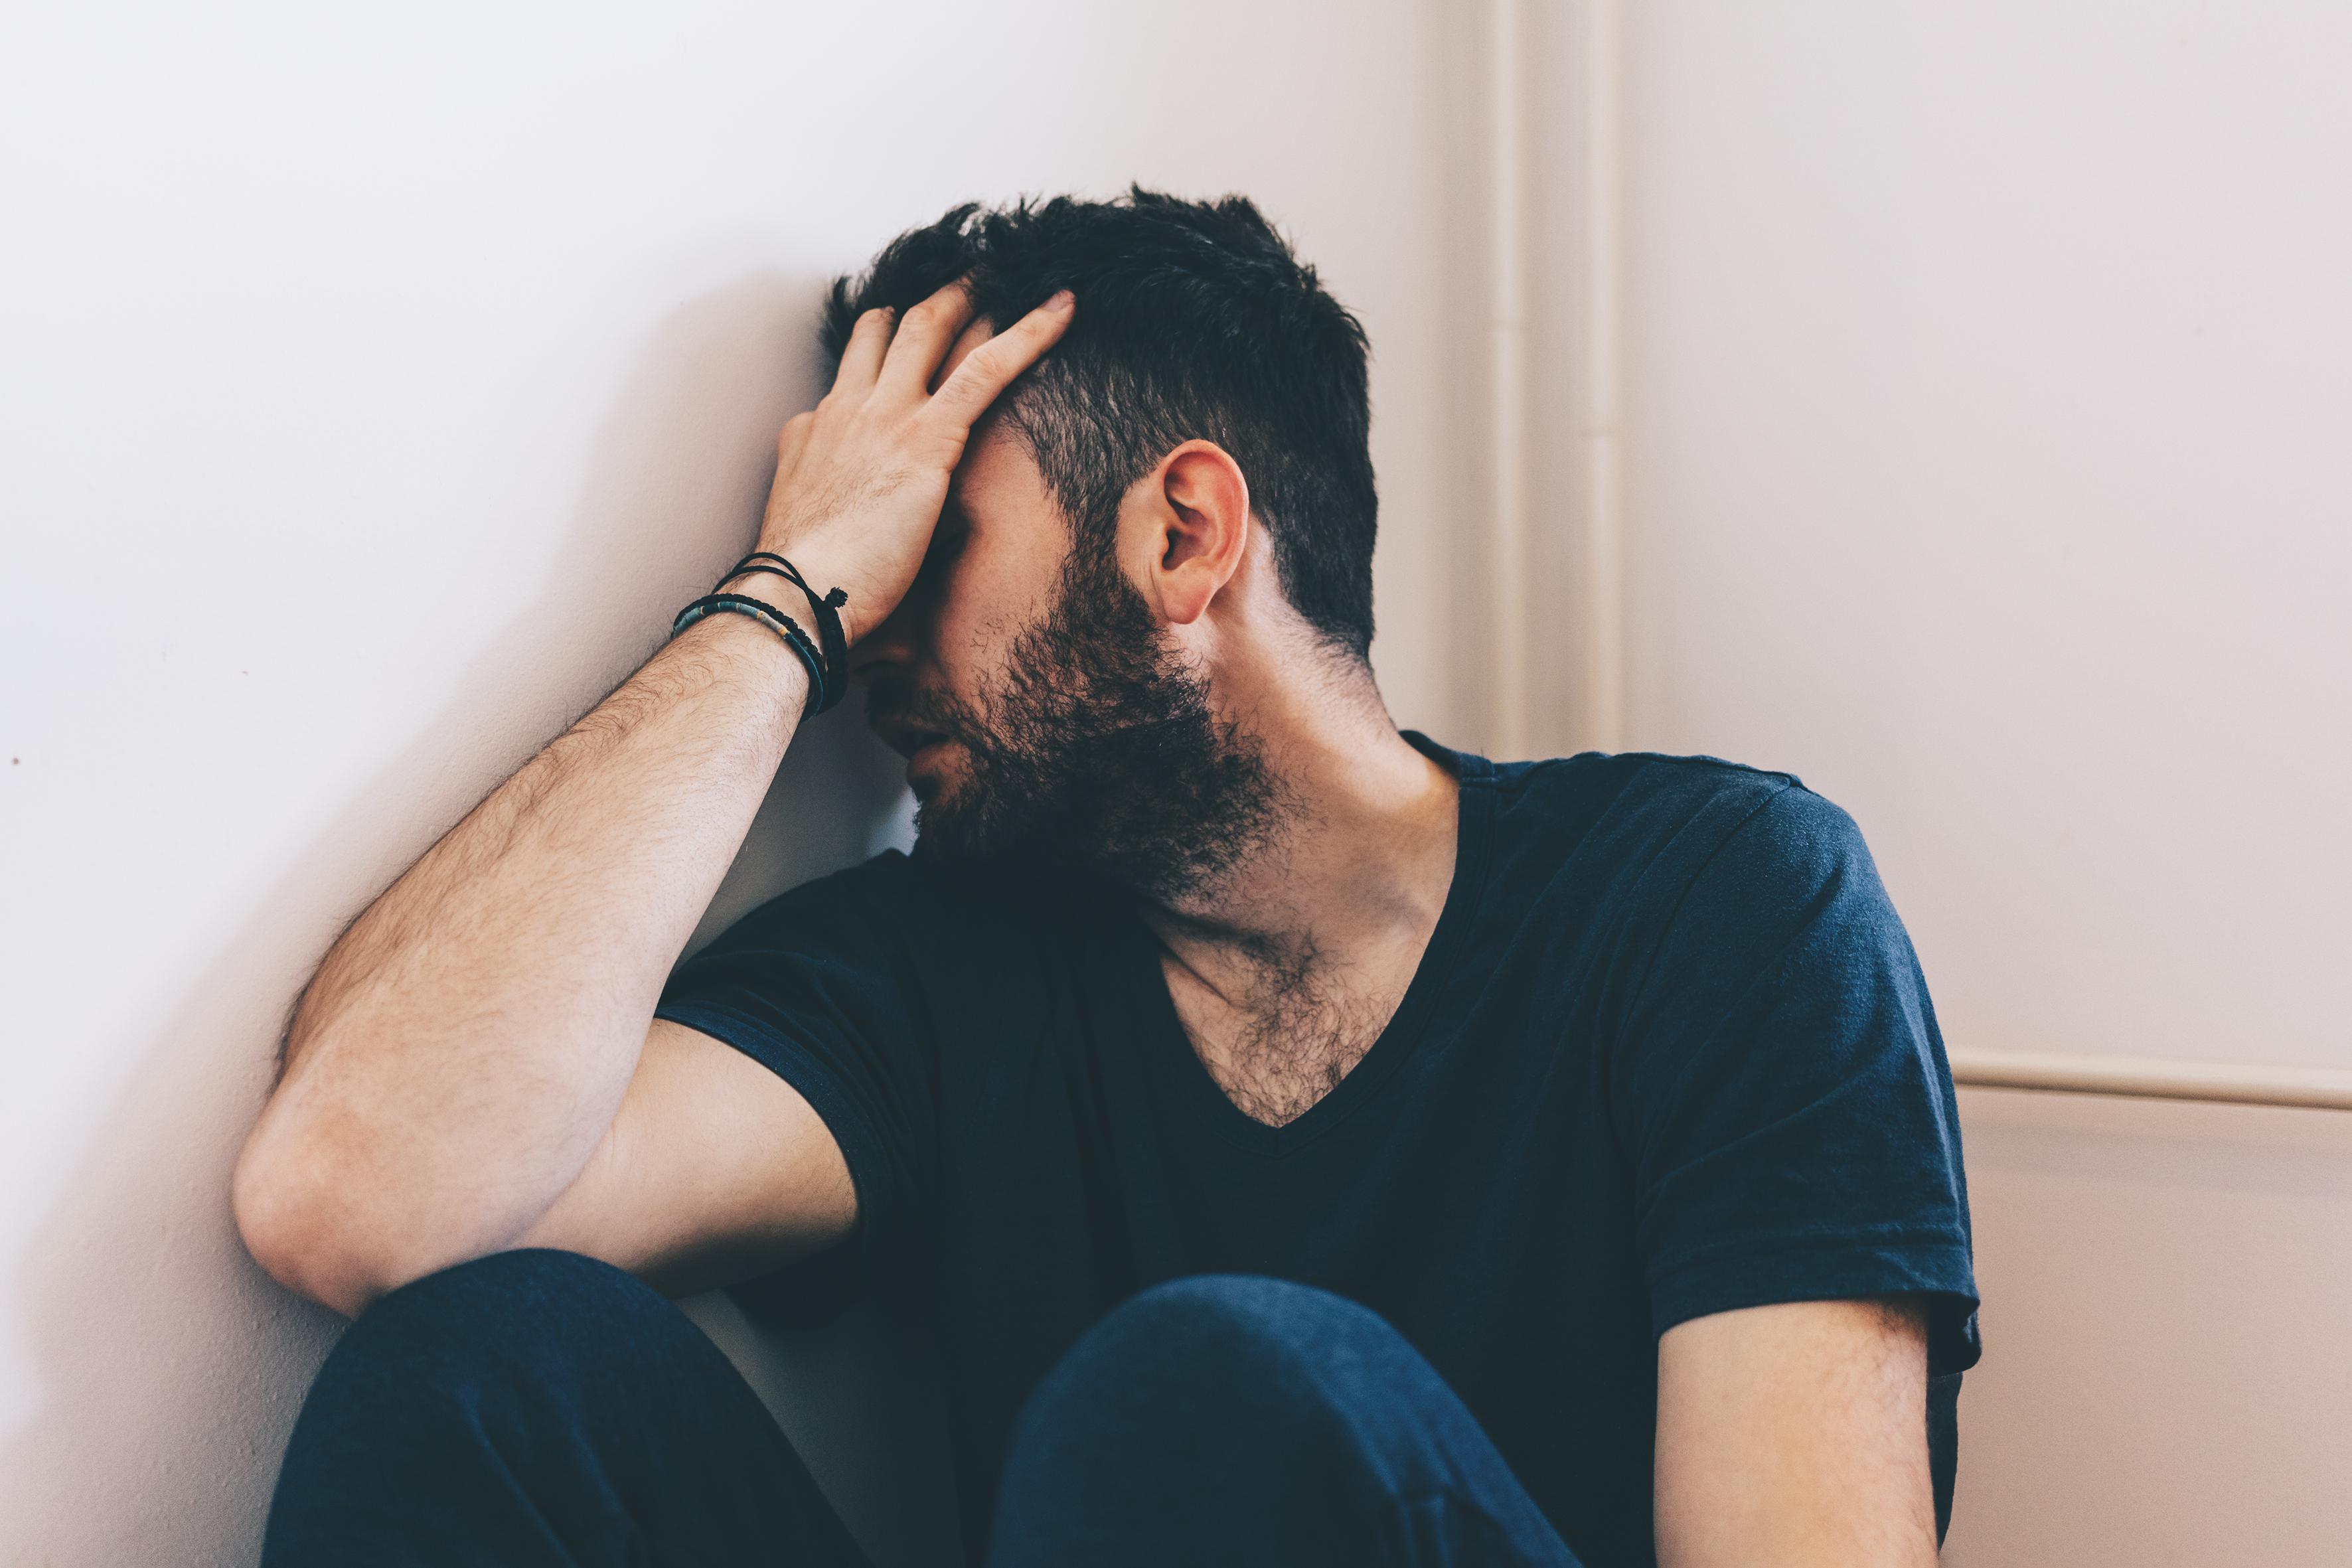 """Självmord är den ledande dödsorsaken bland män mellan 15 och 44 år i Sverige. Därför är kampanjen """"Stör döden"""" specifikt ritad till män."""